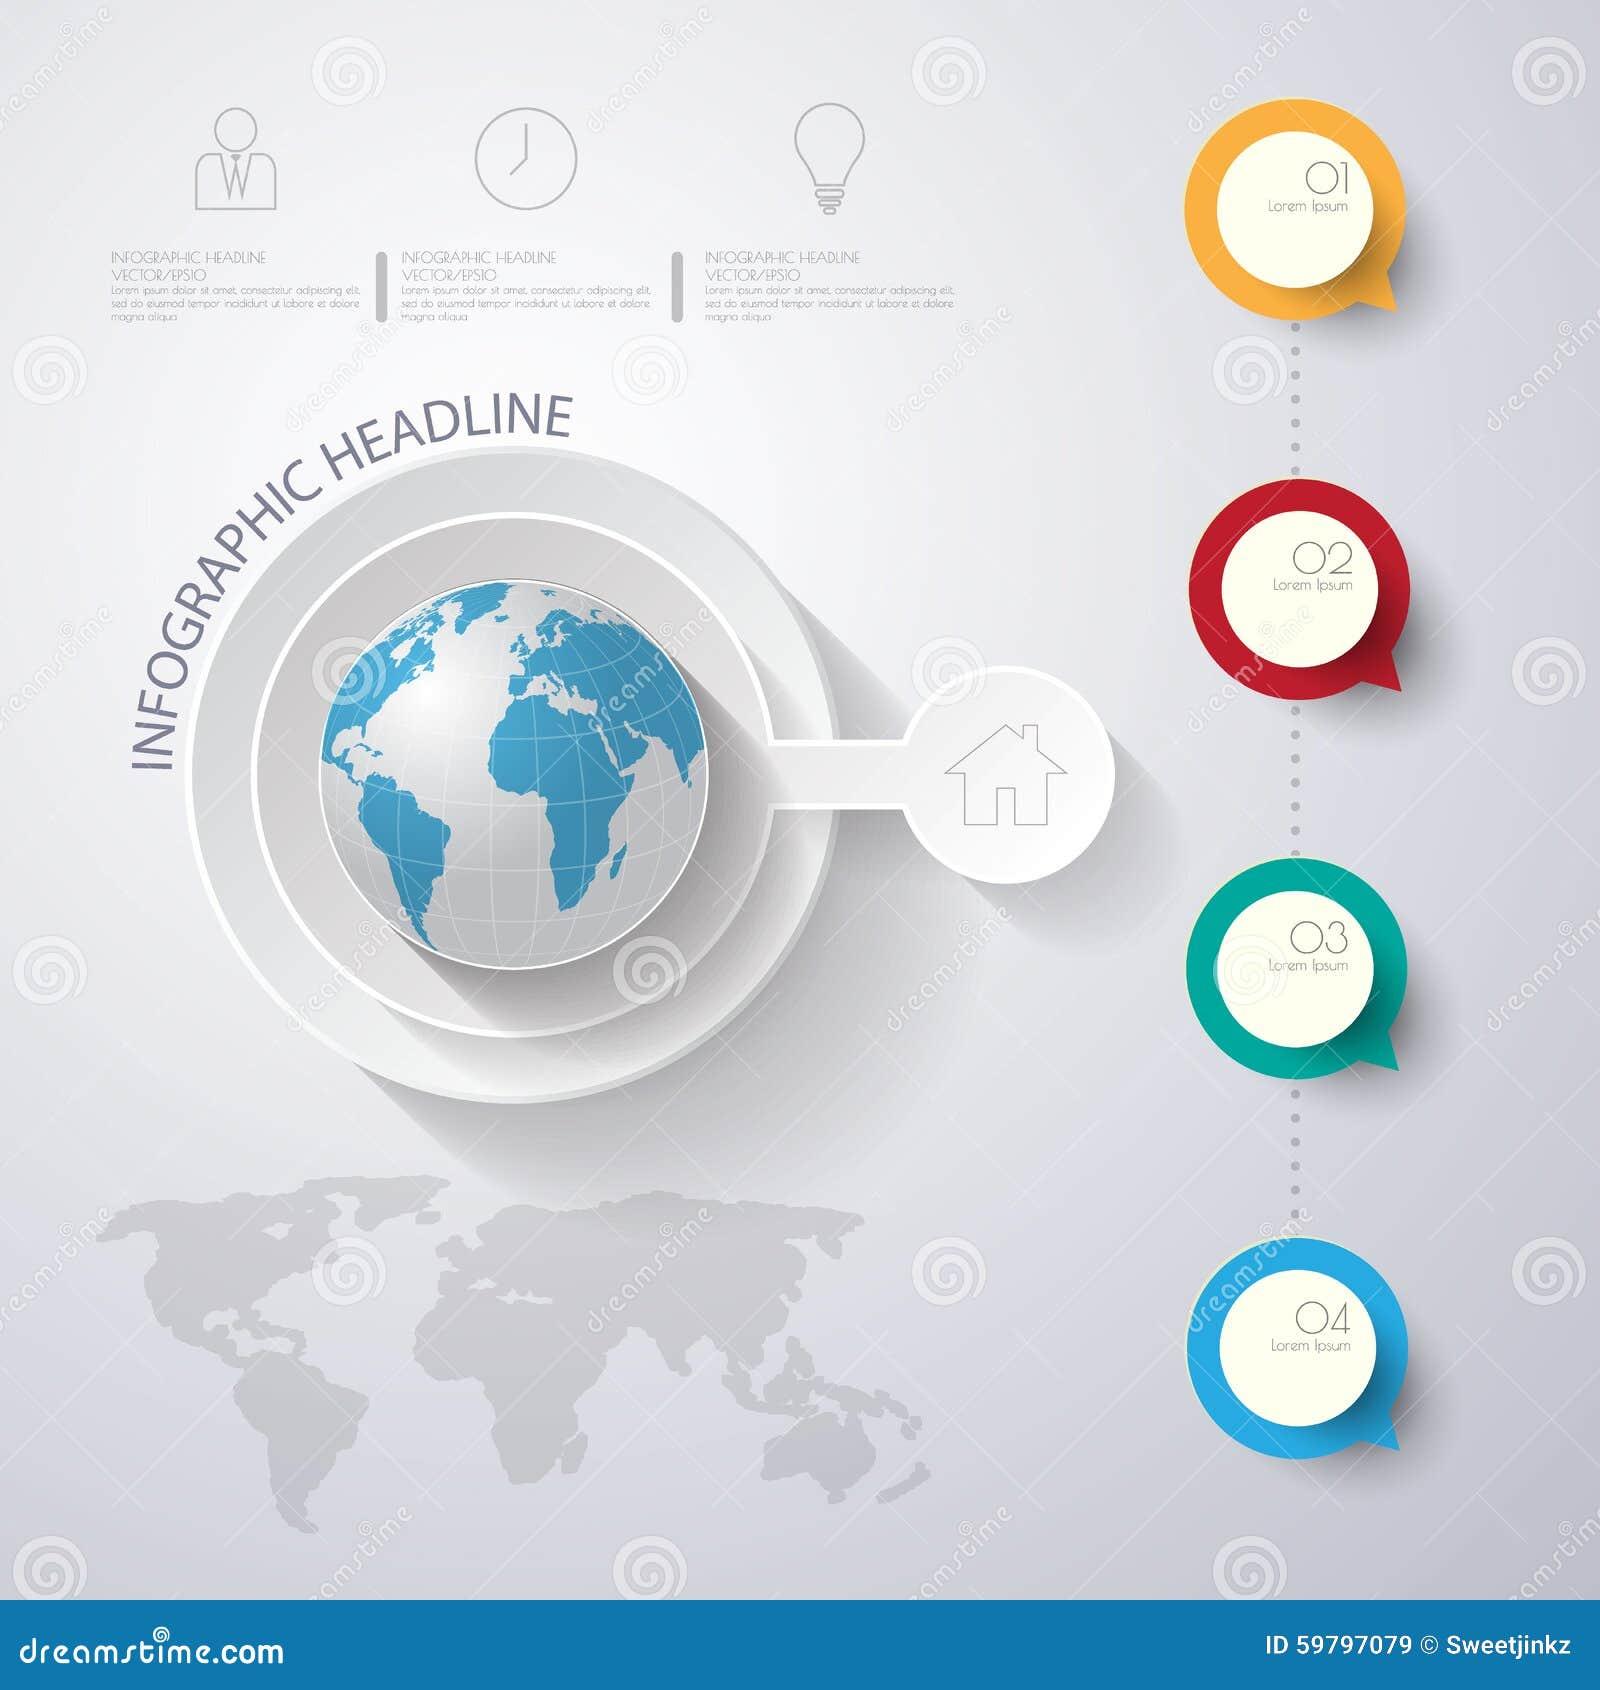 3D ilustração digital abstrata Infographic com mapa do mundo lata